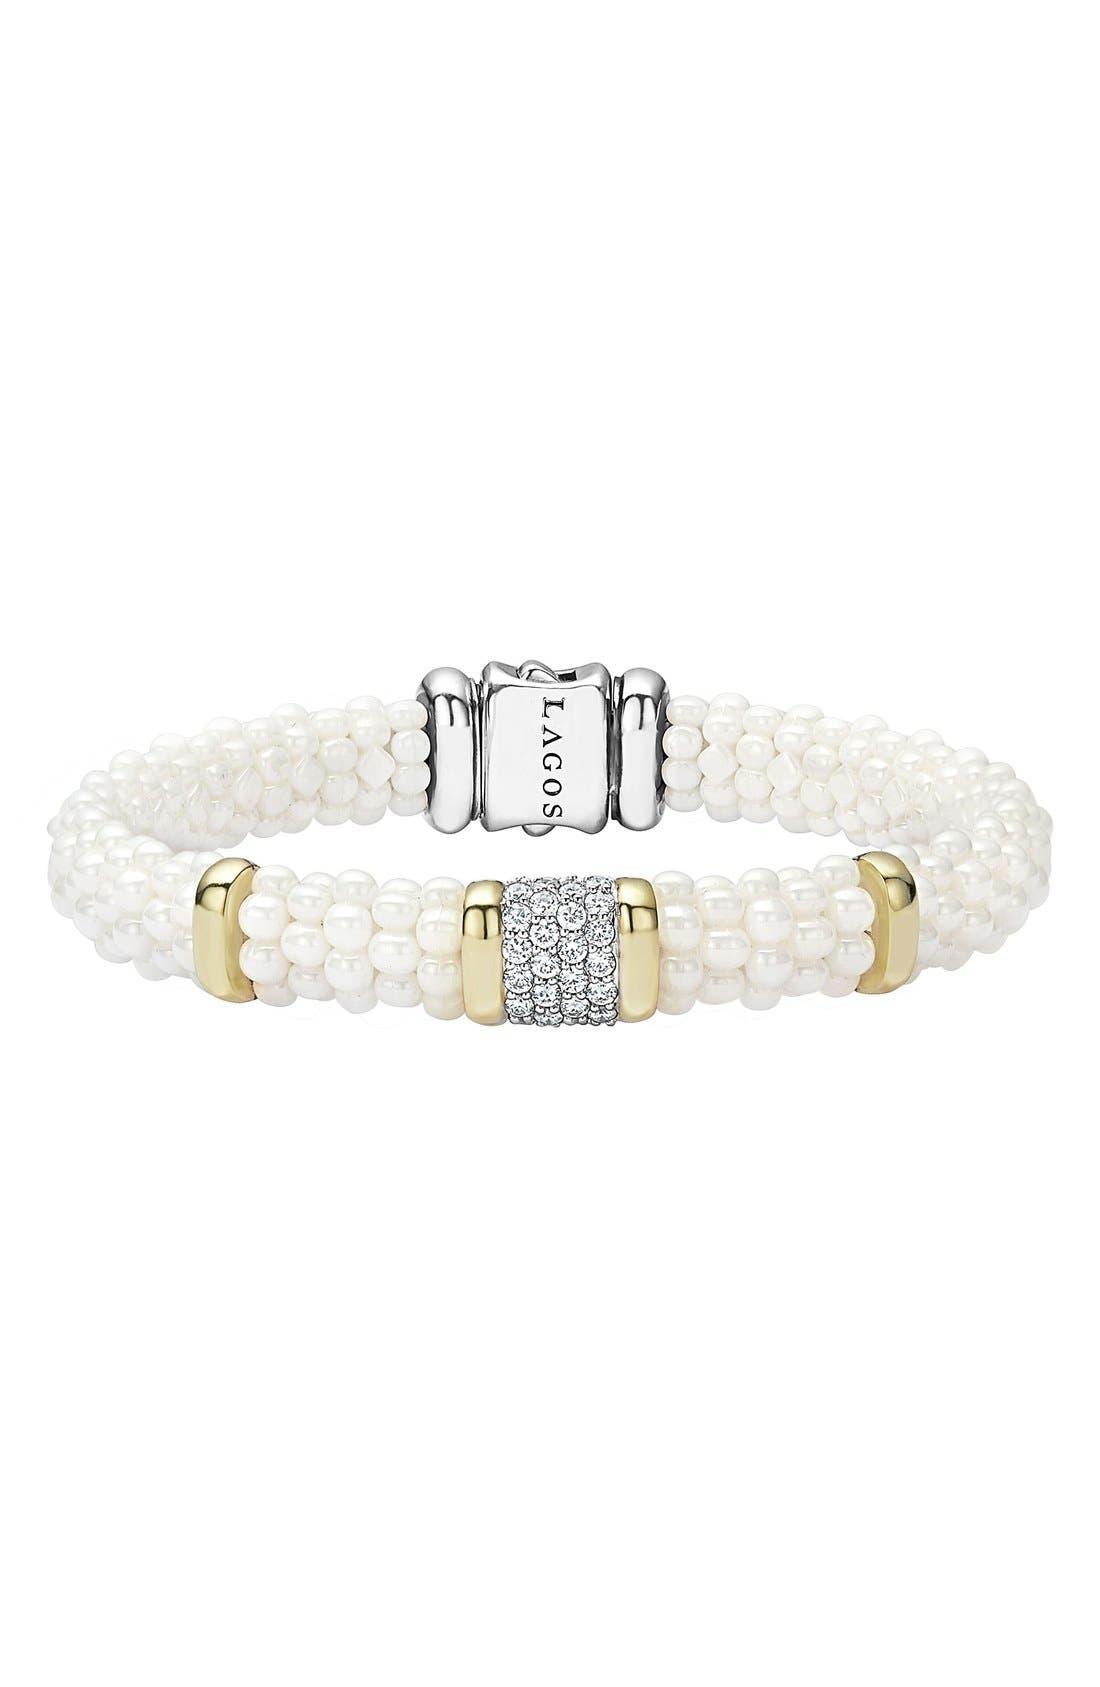 'White Caviar' Diamond Rope Bracelet,                         Main,                         color, White Caviar